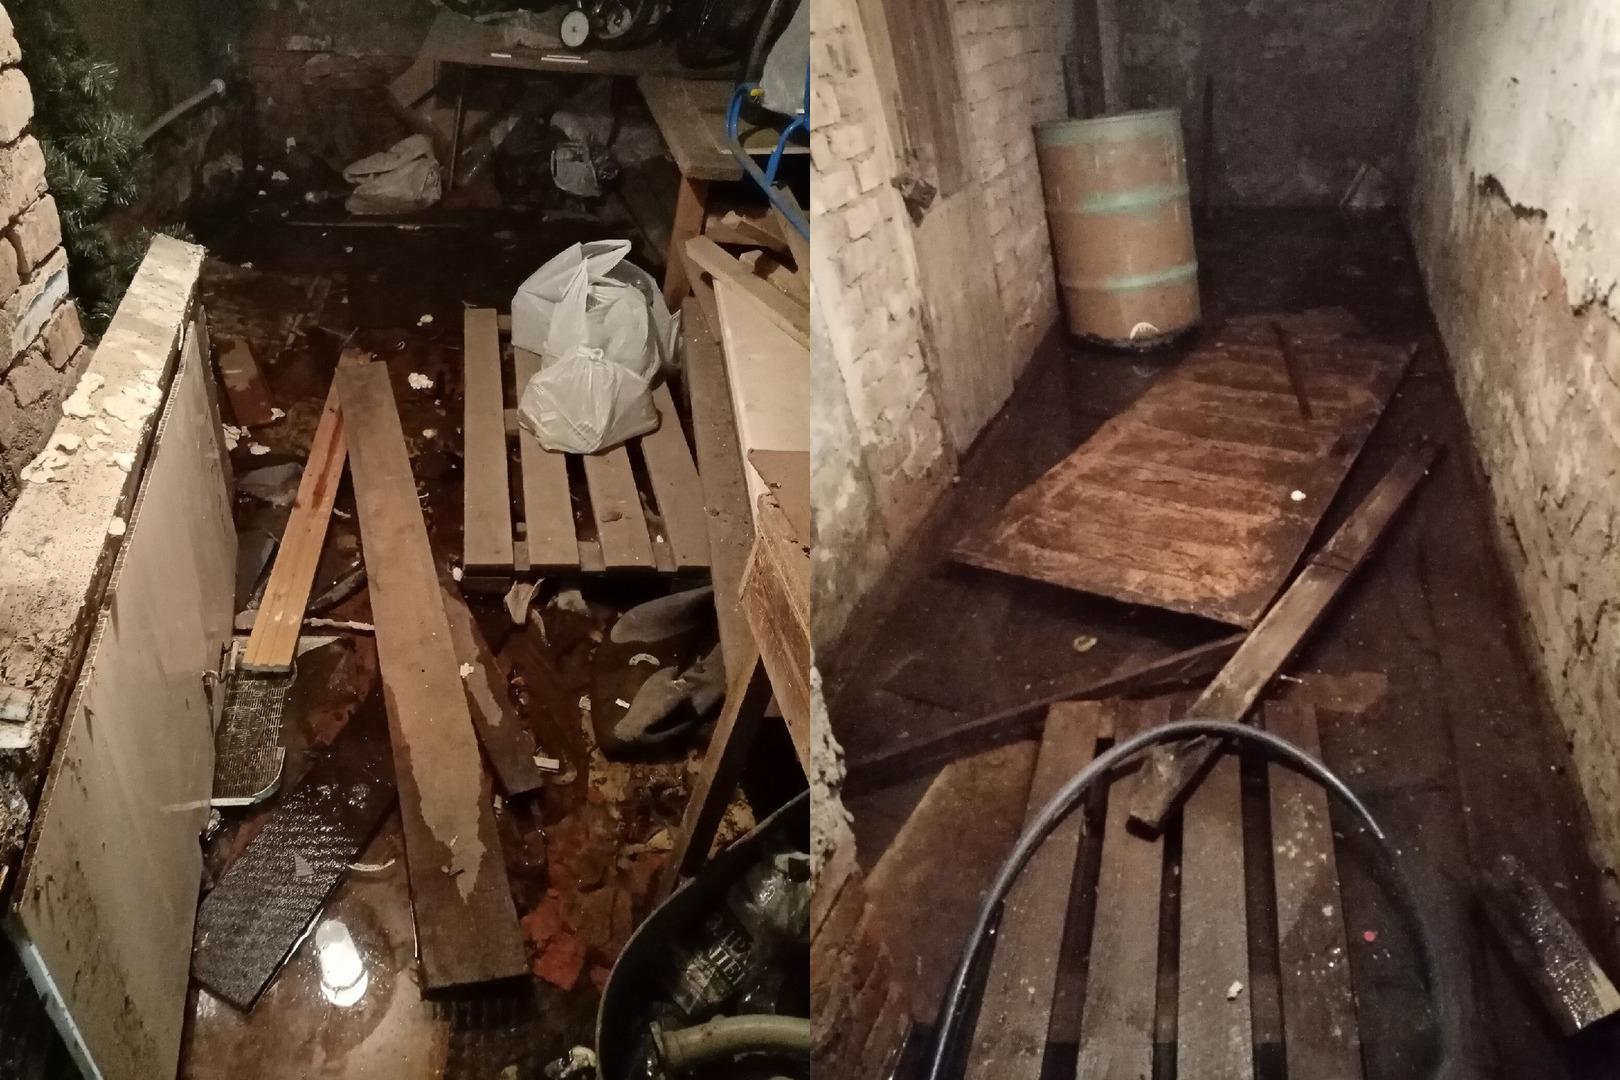 В Вологде жильцам дома с затопленным подвалом предложили за свой счет оборудовать дренаж